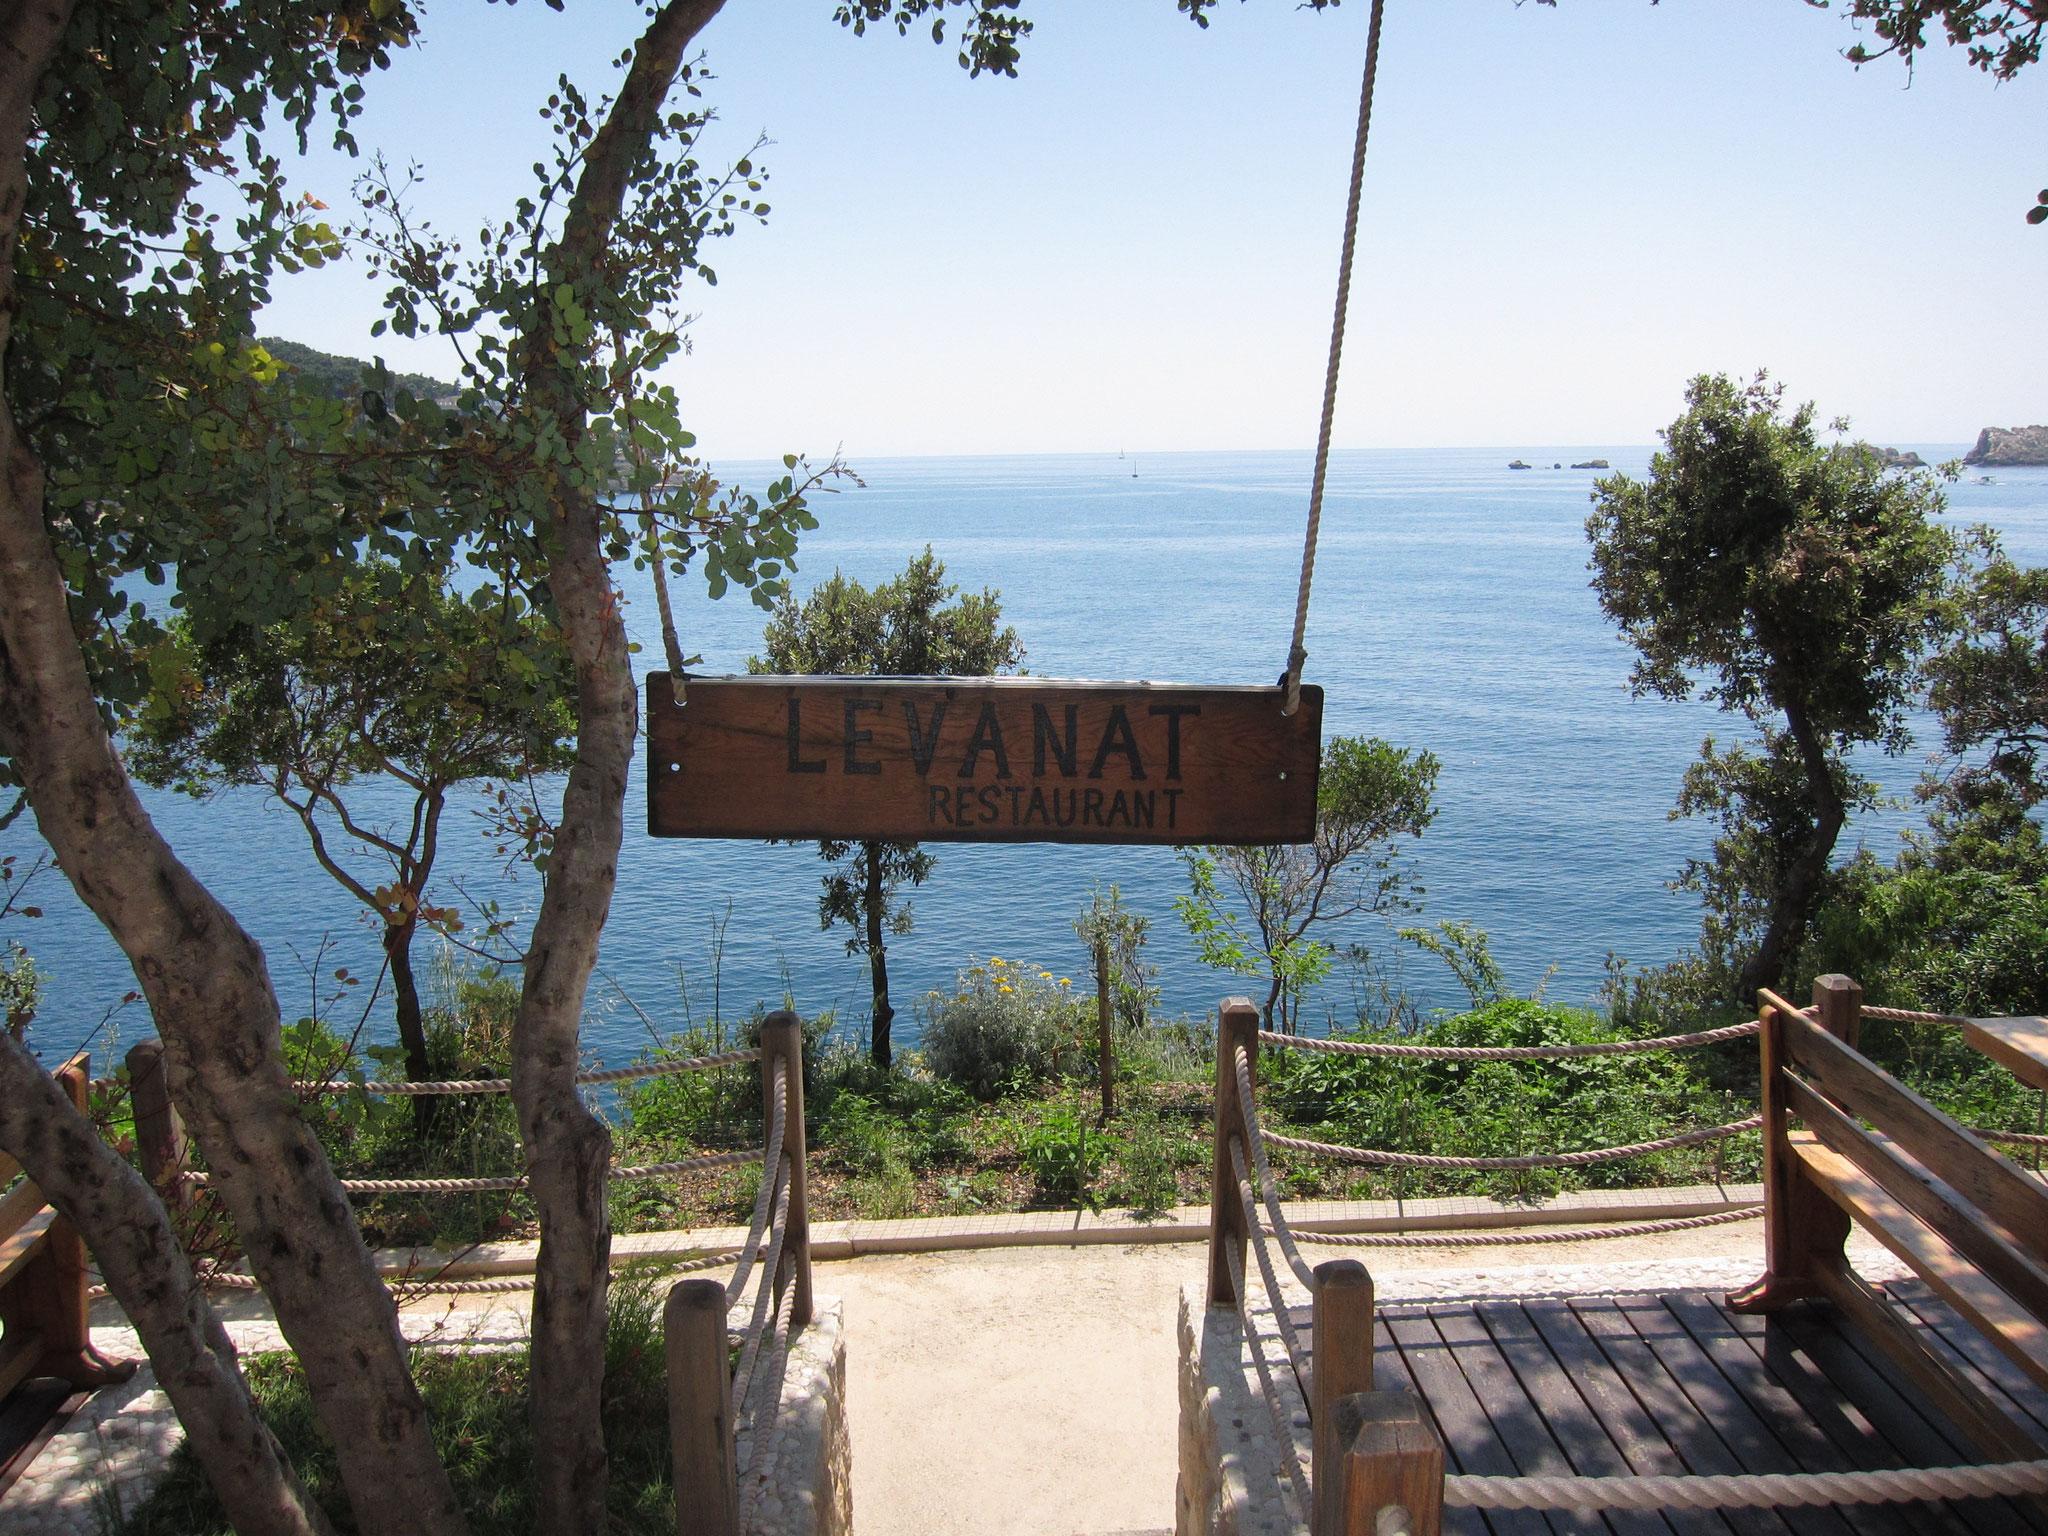 Levanat Dubrovnik